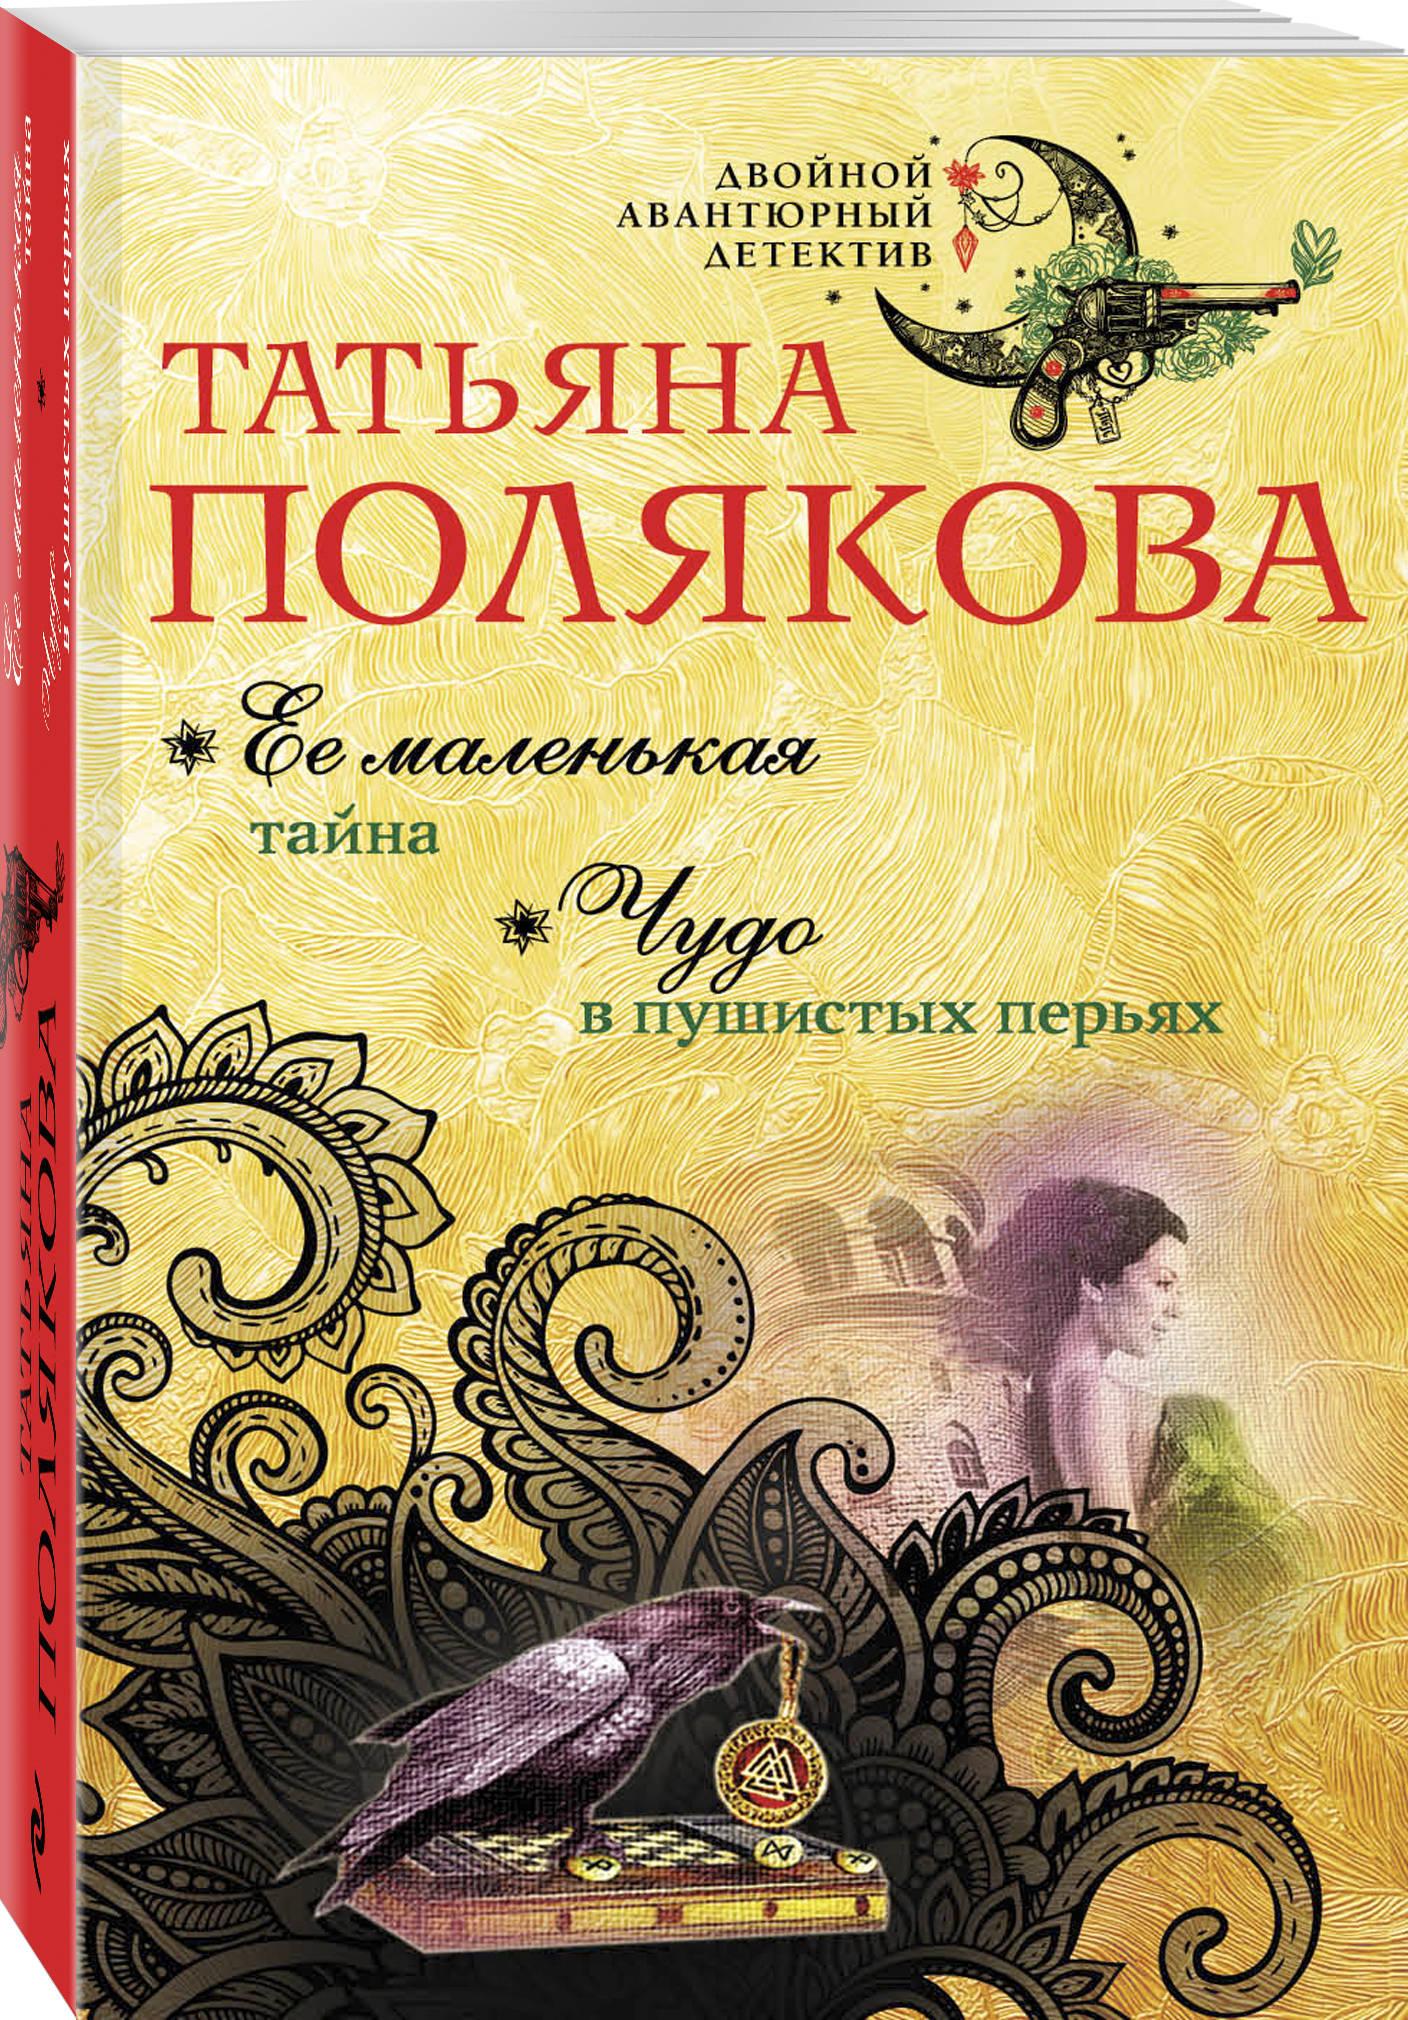 Татьяна Полякова Ее маленькая тайна. Чудо в пушистых перьях полякова т ее маленькая тайна